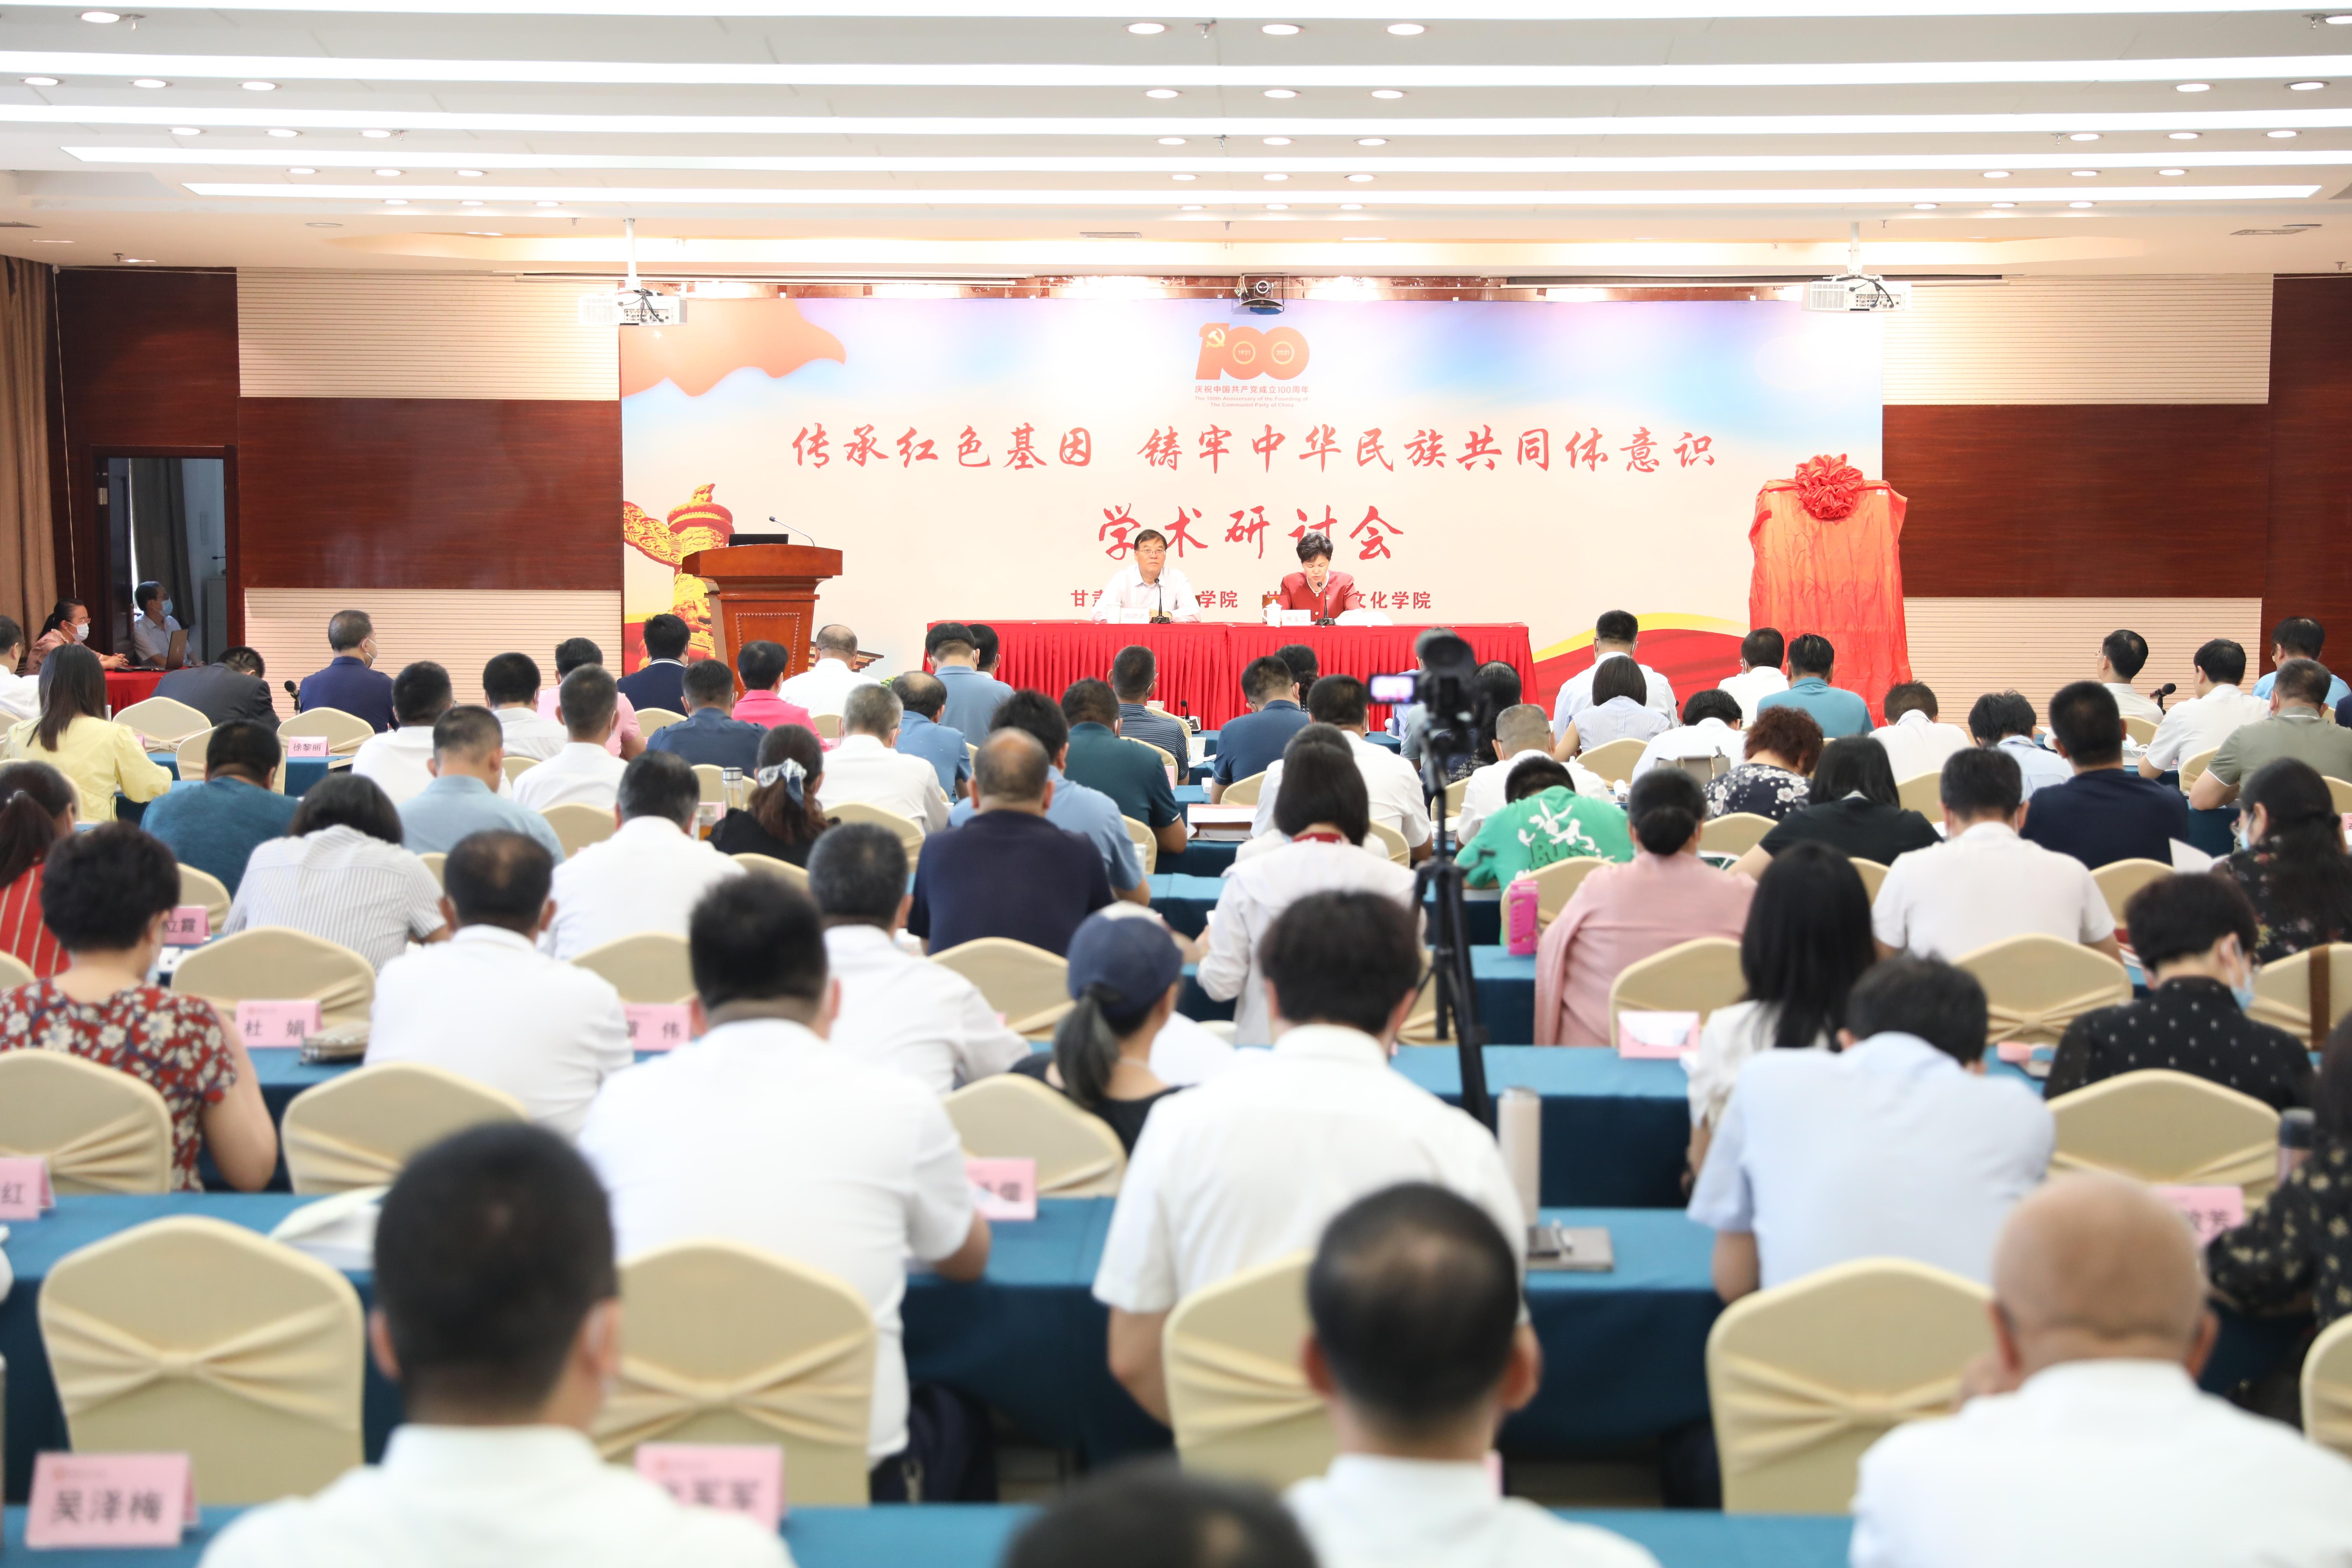 """甘肃社会主义学院(甘肃中华文化学院)举办""""传承红色基因 铸牢中华民族共同体意识""""学术研讨会"""